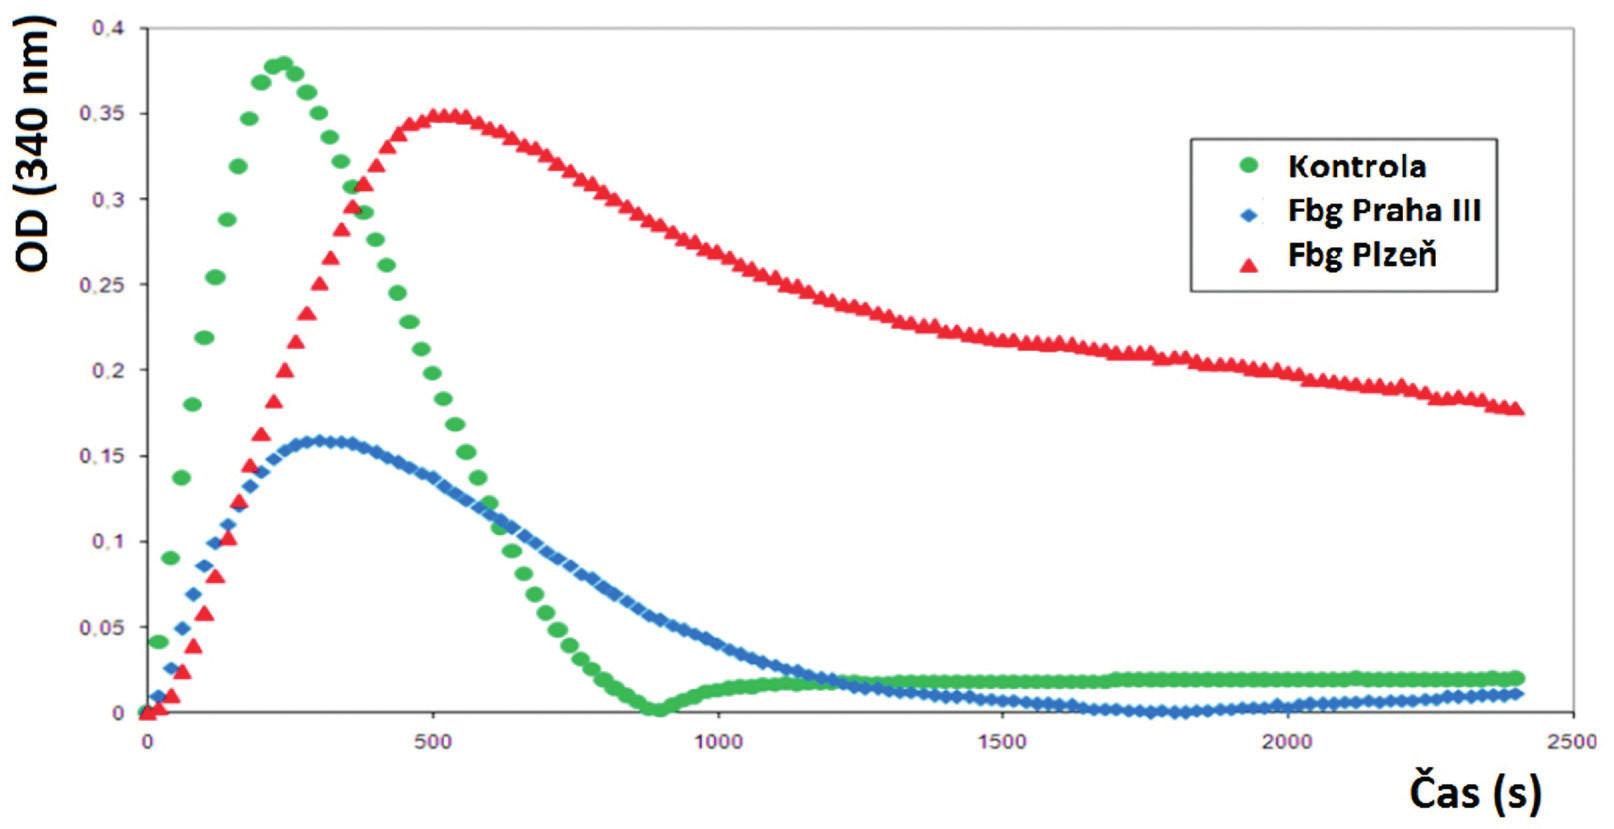 Fibrinolytické křivky pacientů s trombózami.